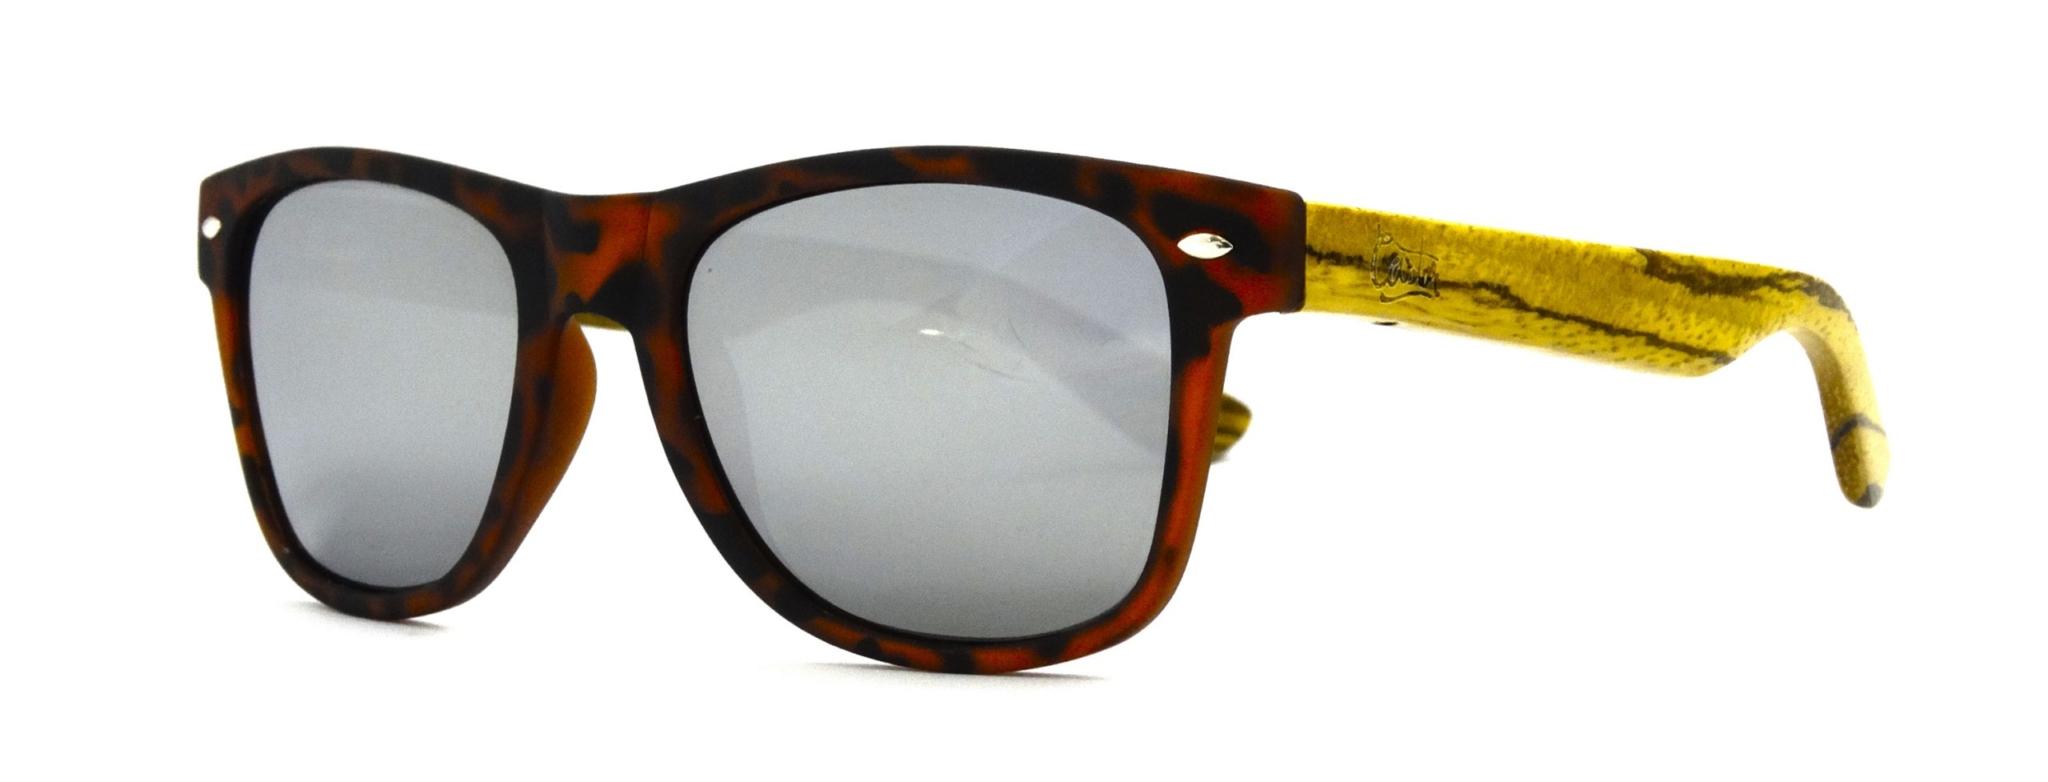 b2617706-87b-gafas-de-sol